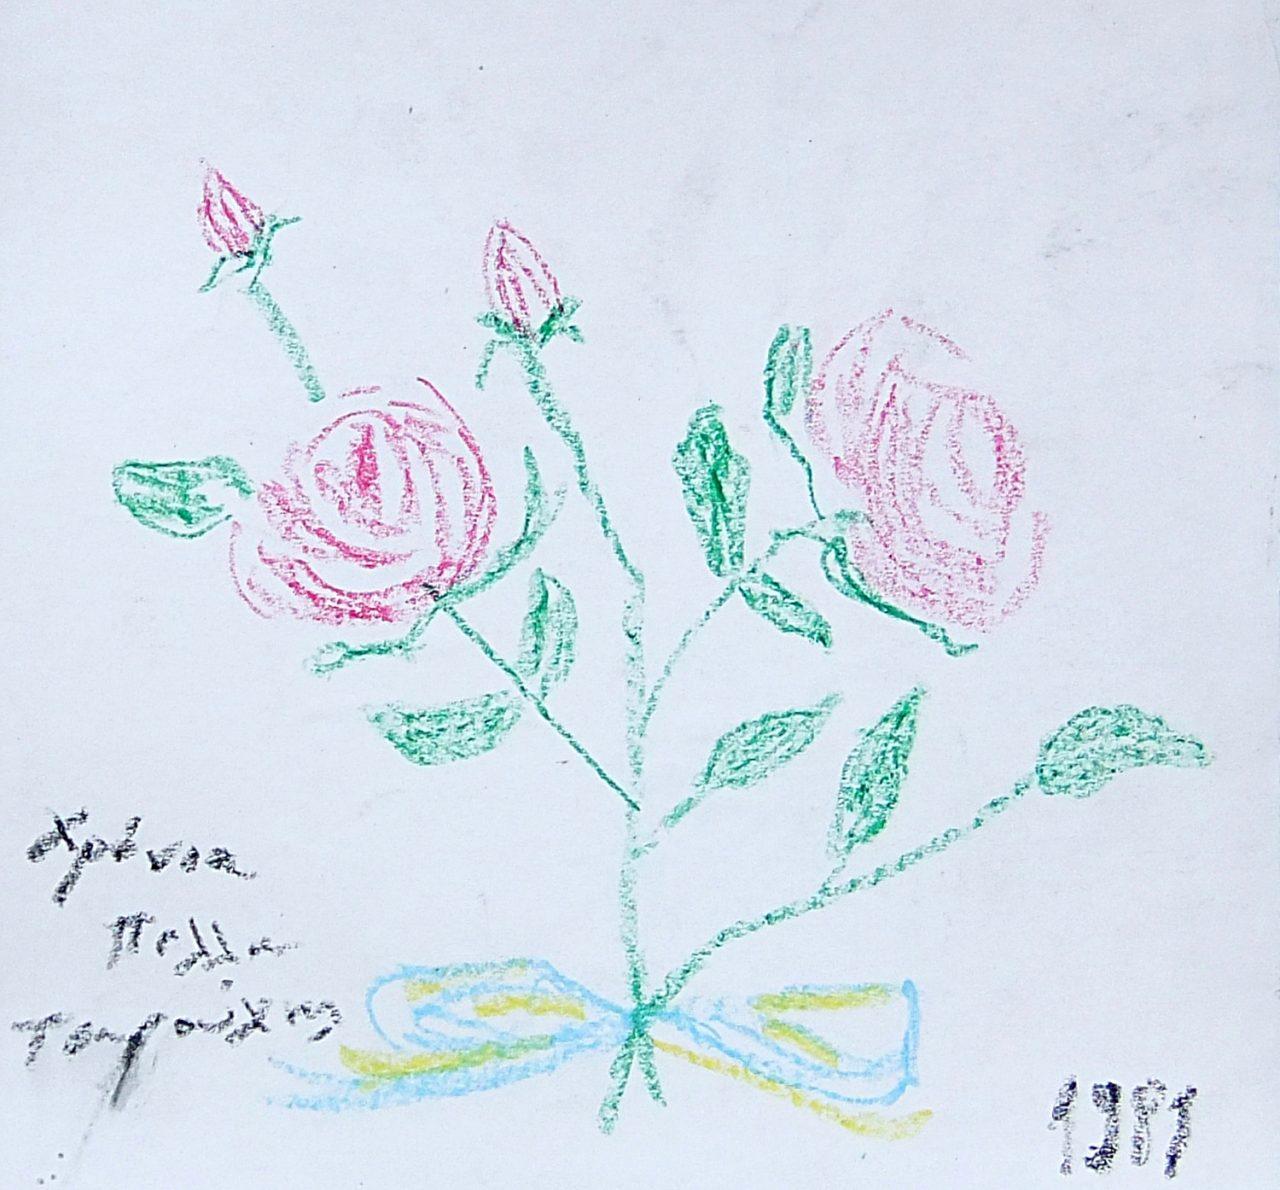 054. ΤΣΑΡΟΥΧΗΣ Γιάννης (1910-1989)